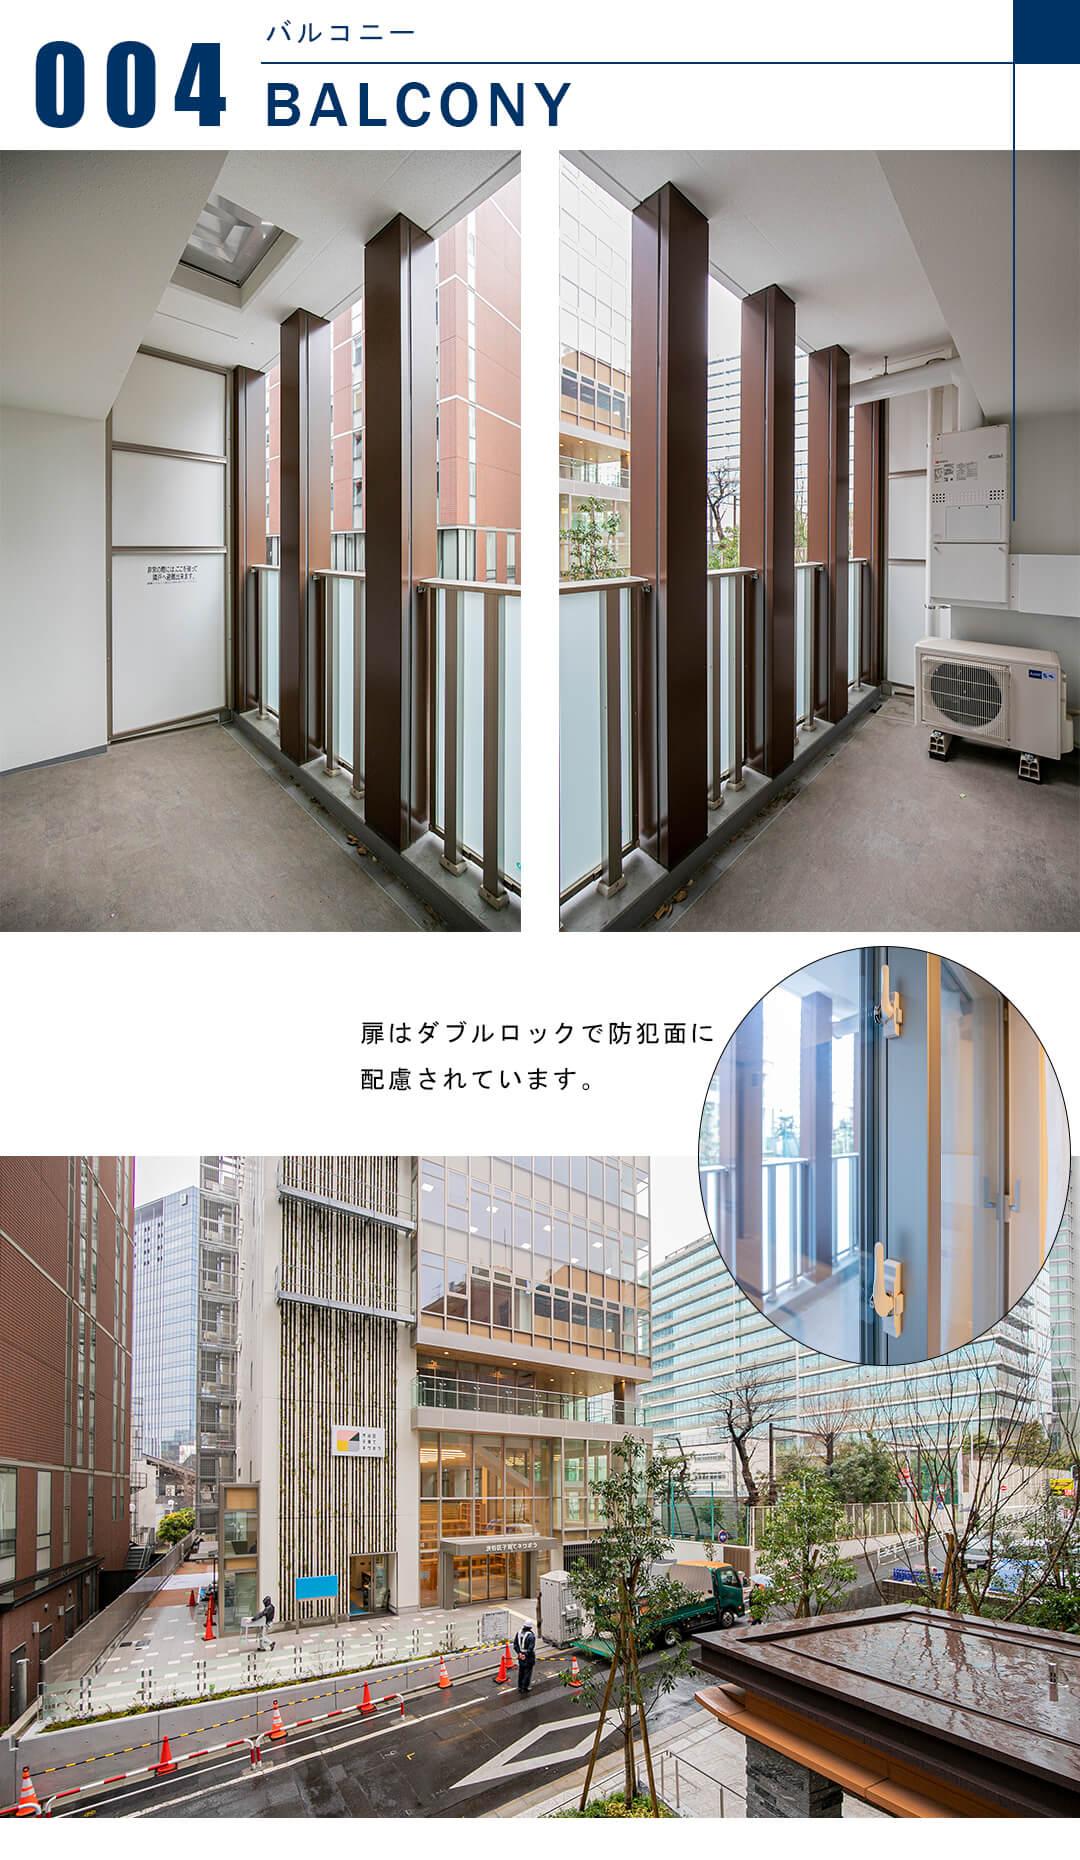 ザ・パークハウスアーバンス渋谷のバルコニー